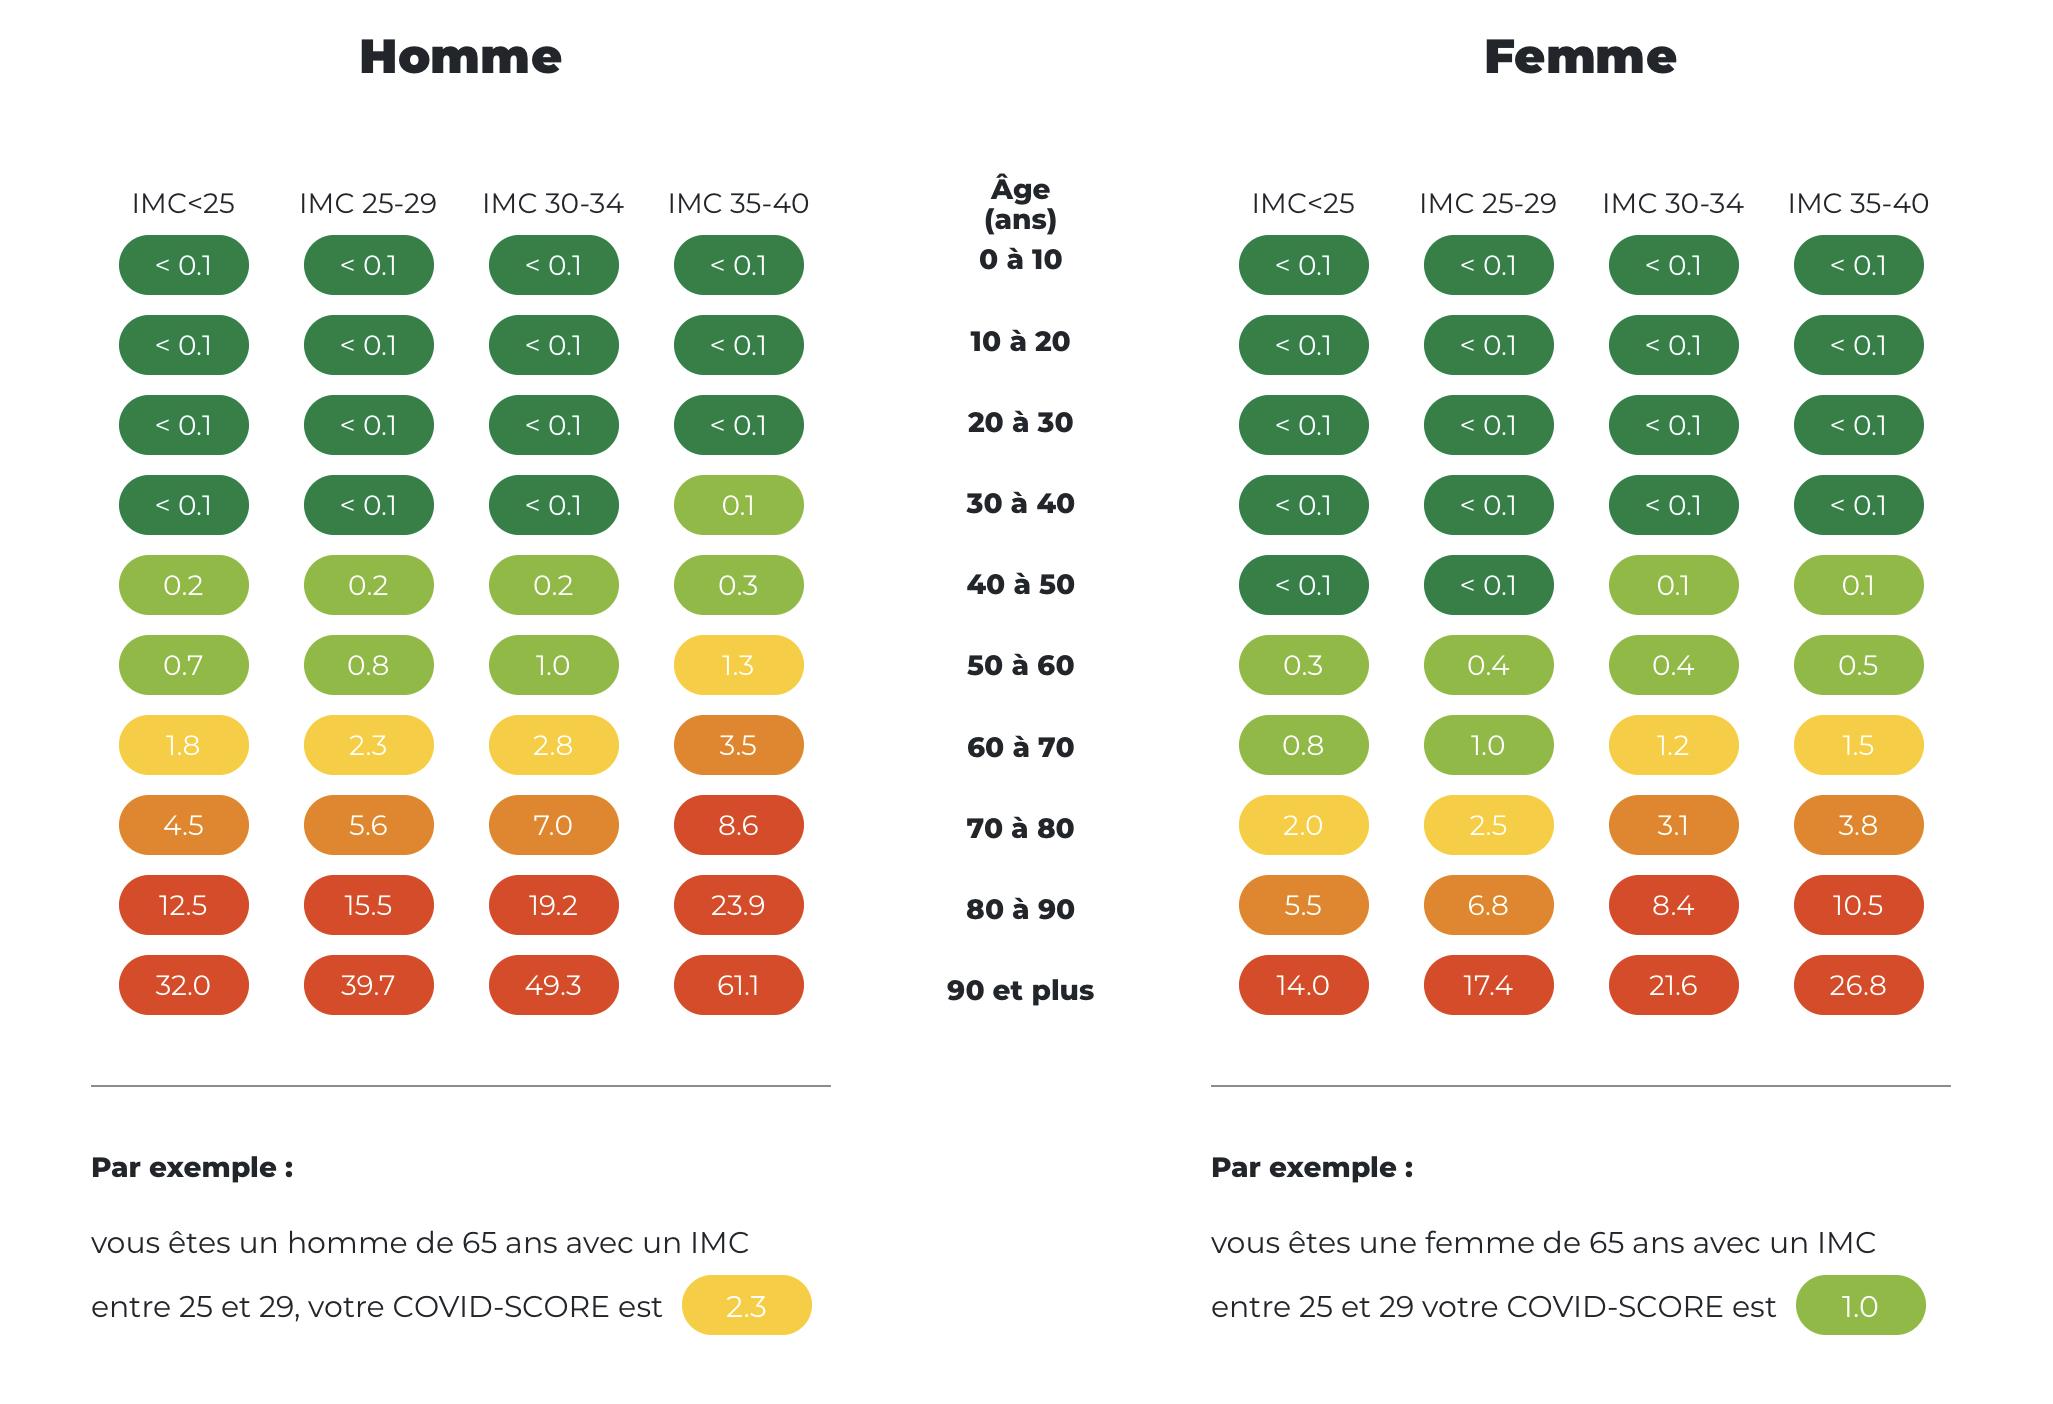 Mise en place par l'Institut Pasteur de Lille, la plateforme Covid-Score propose un test numérique qui permet d'évaluer le risque individuel de contracter le Covid-19 et d'adapter son comportement en conséquence. Il repose sur trois critères : l'âge, le sexe et l'indice de masse corporelle. Attention : il ne s'agit que d'un outil d'information qui aide à prendre des décisions.